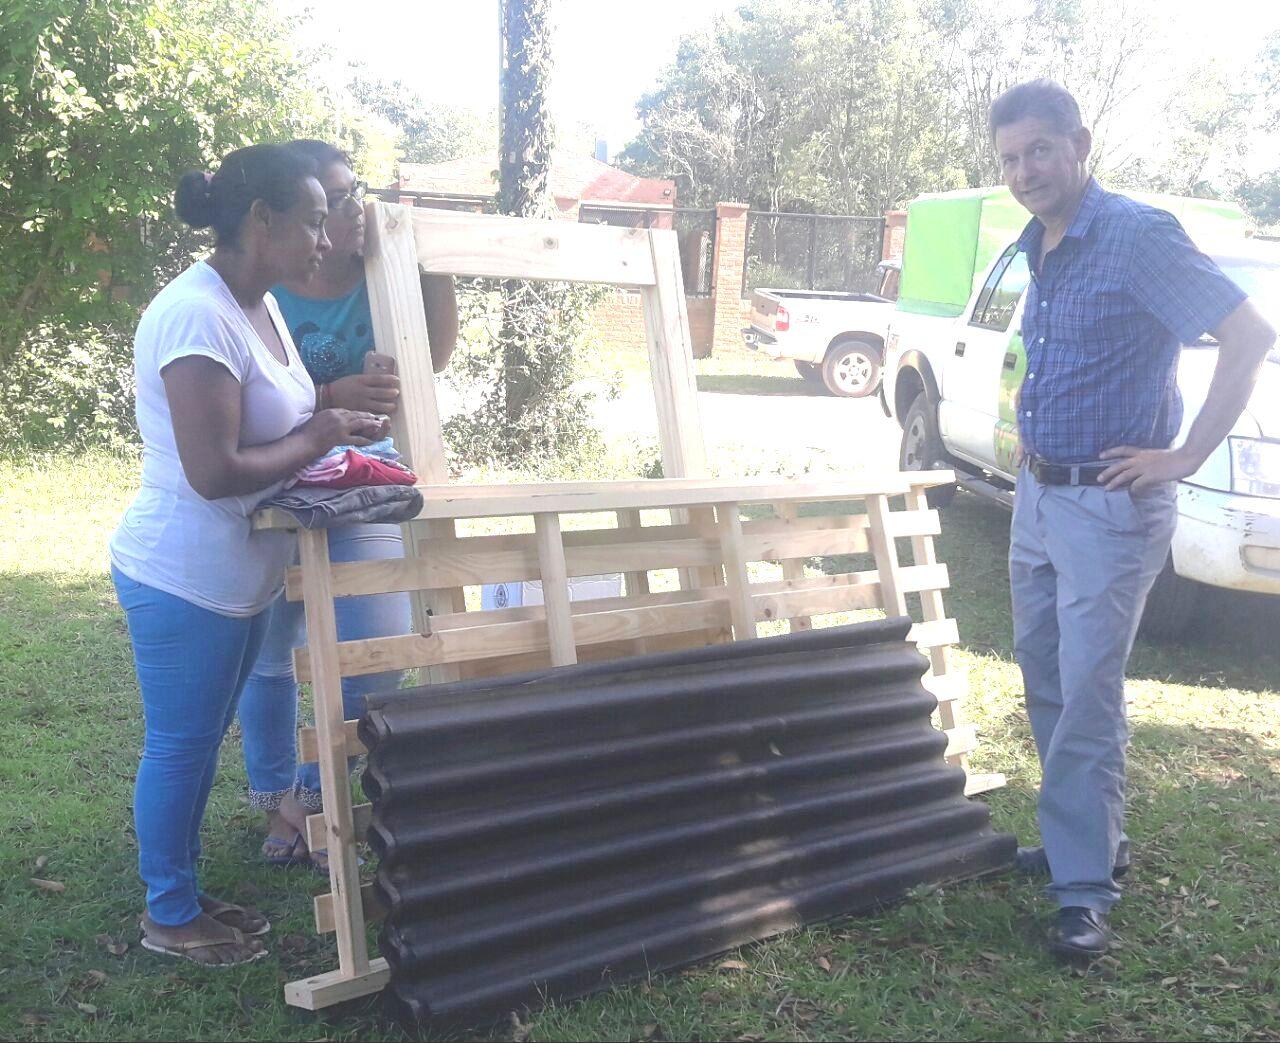 Desarrollo Social continúa asistiendo con la entrega de recursos a damnificados